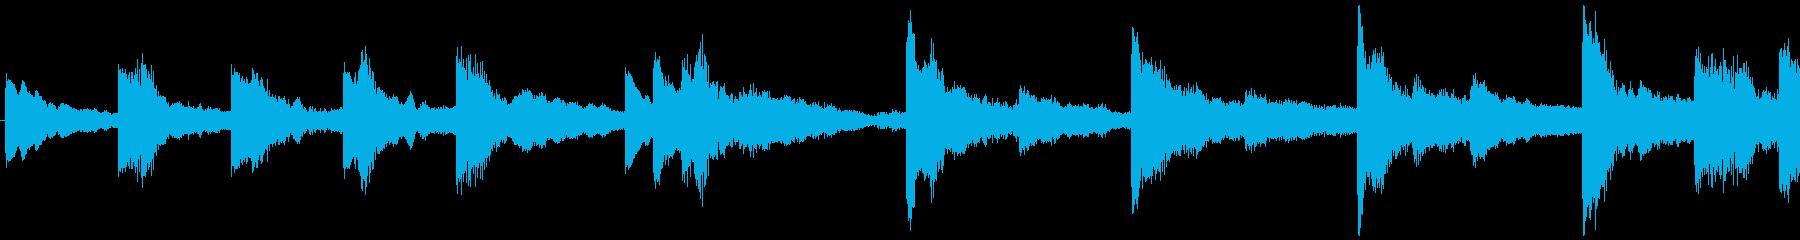 ハローウィン用のホラー曲-ループ1の再生済みの波形